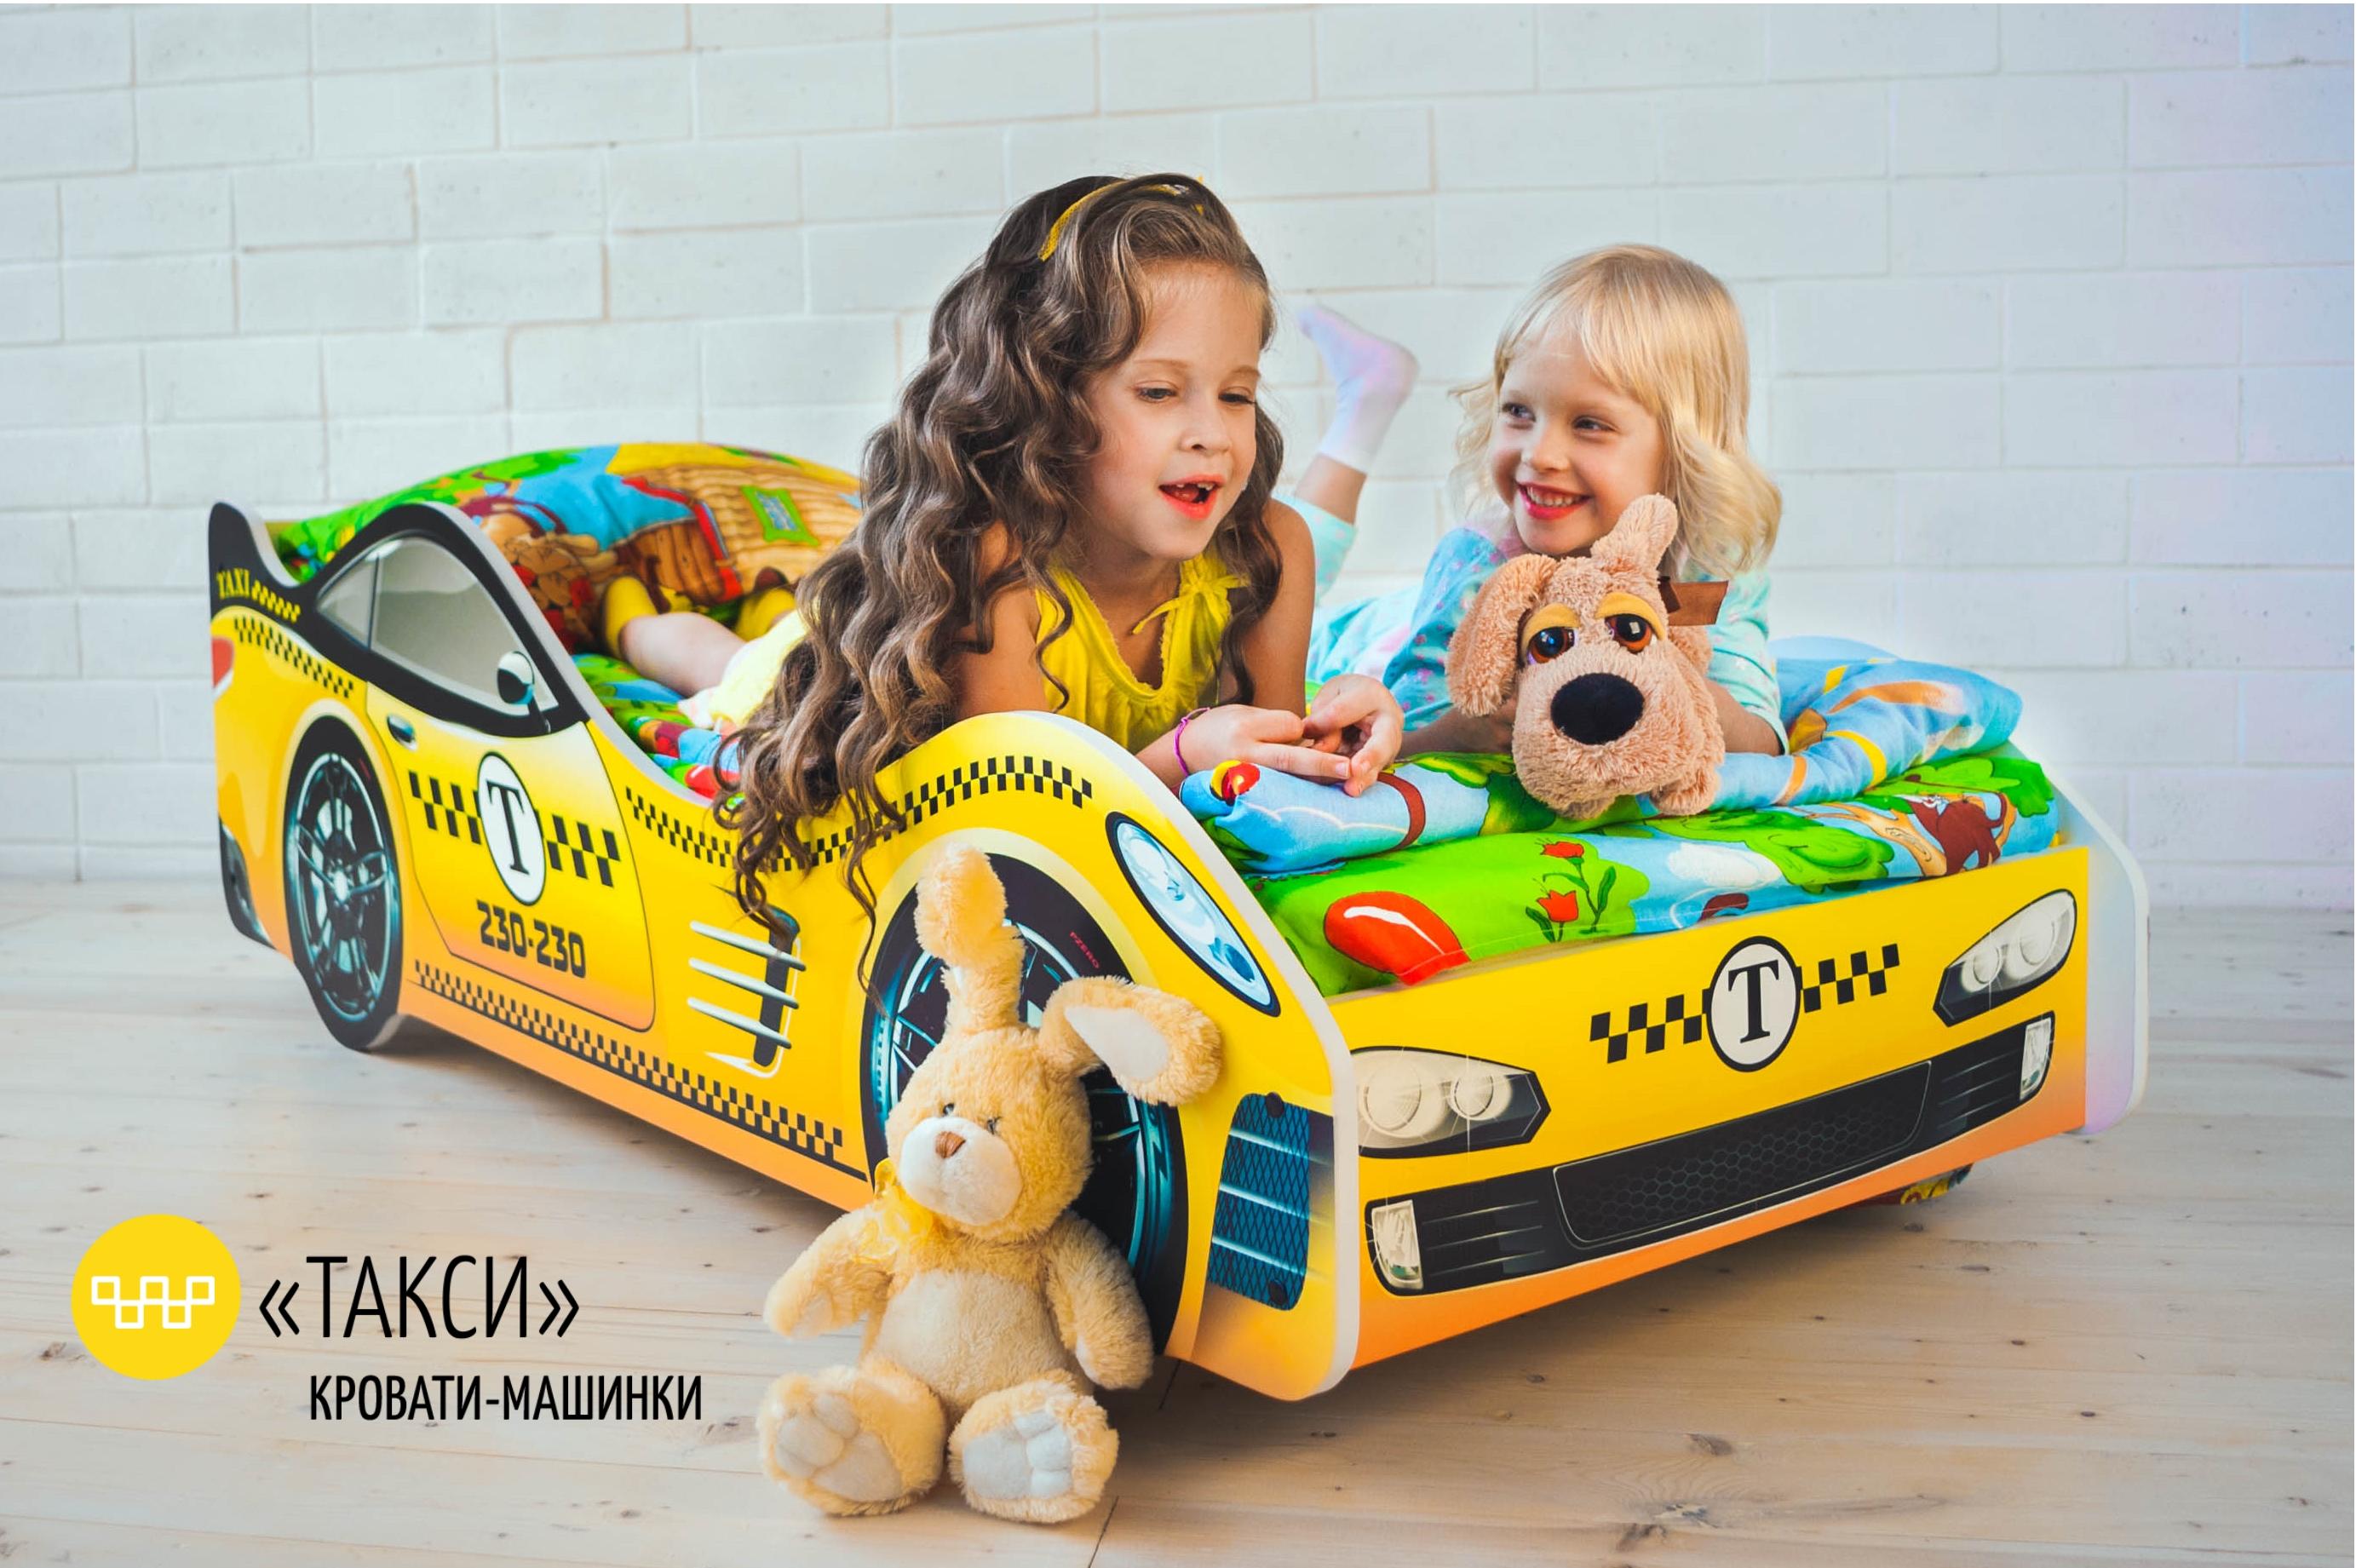 Детская кровать-машина -Такси-7